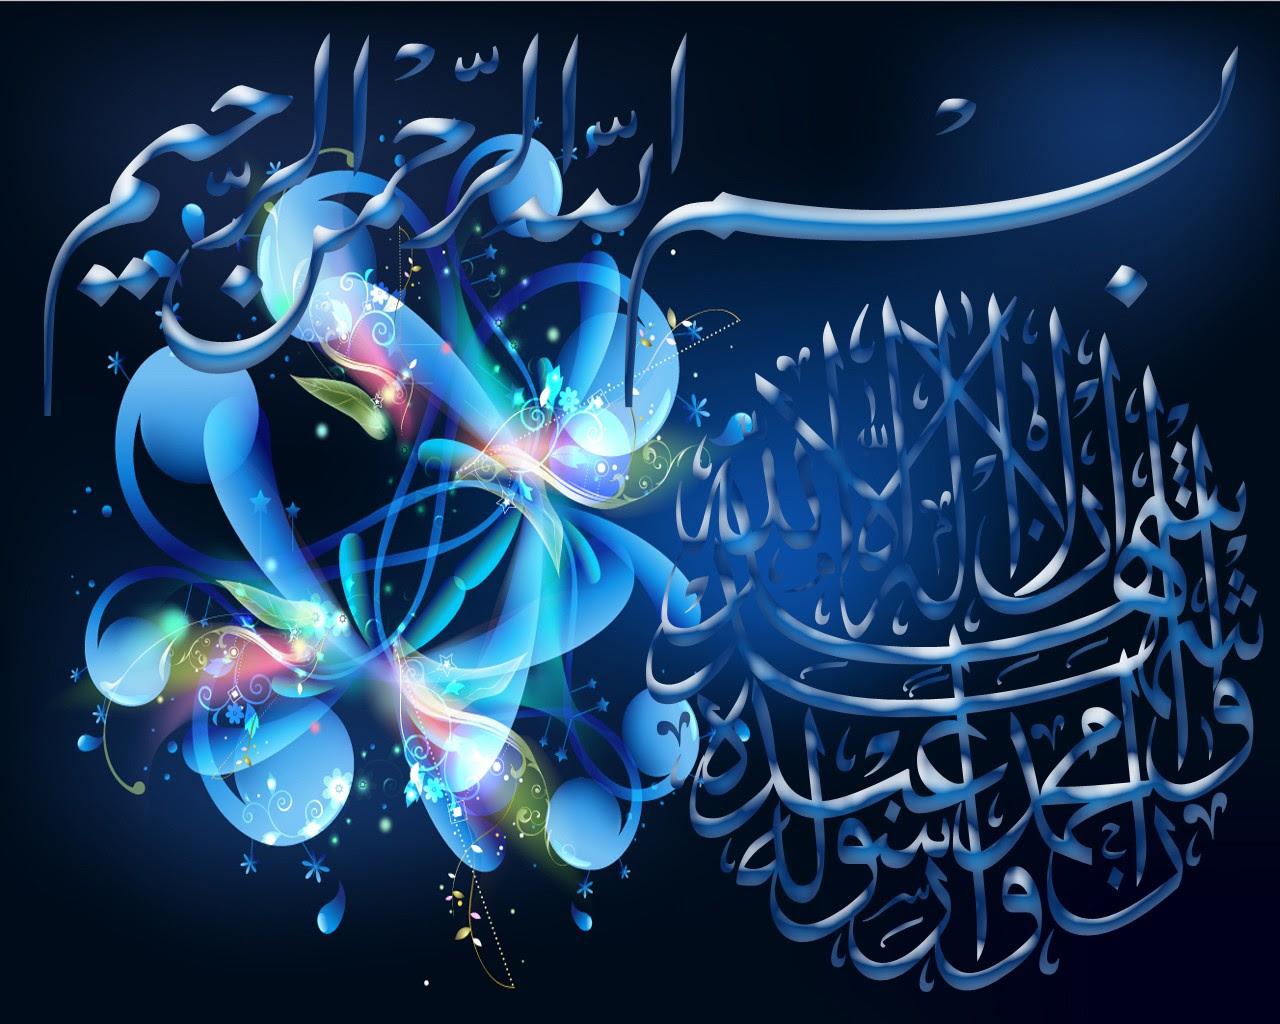 Beautiful Islamic Pictures Wallpapers Wallpapersafari